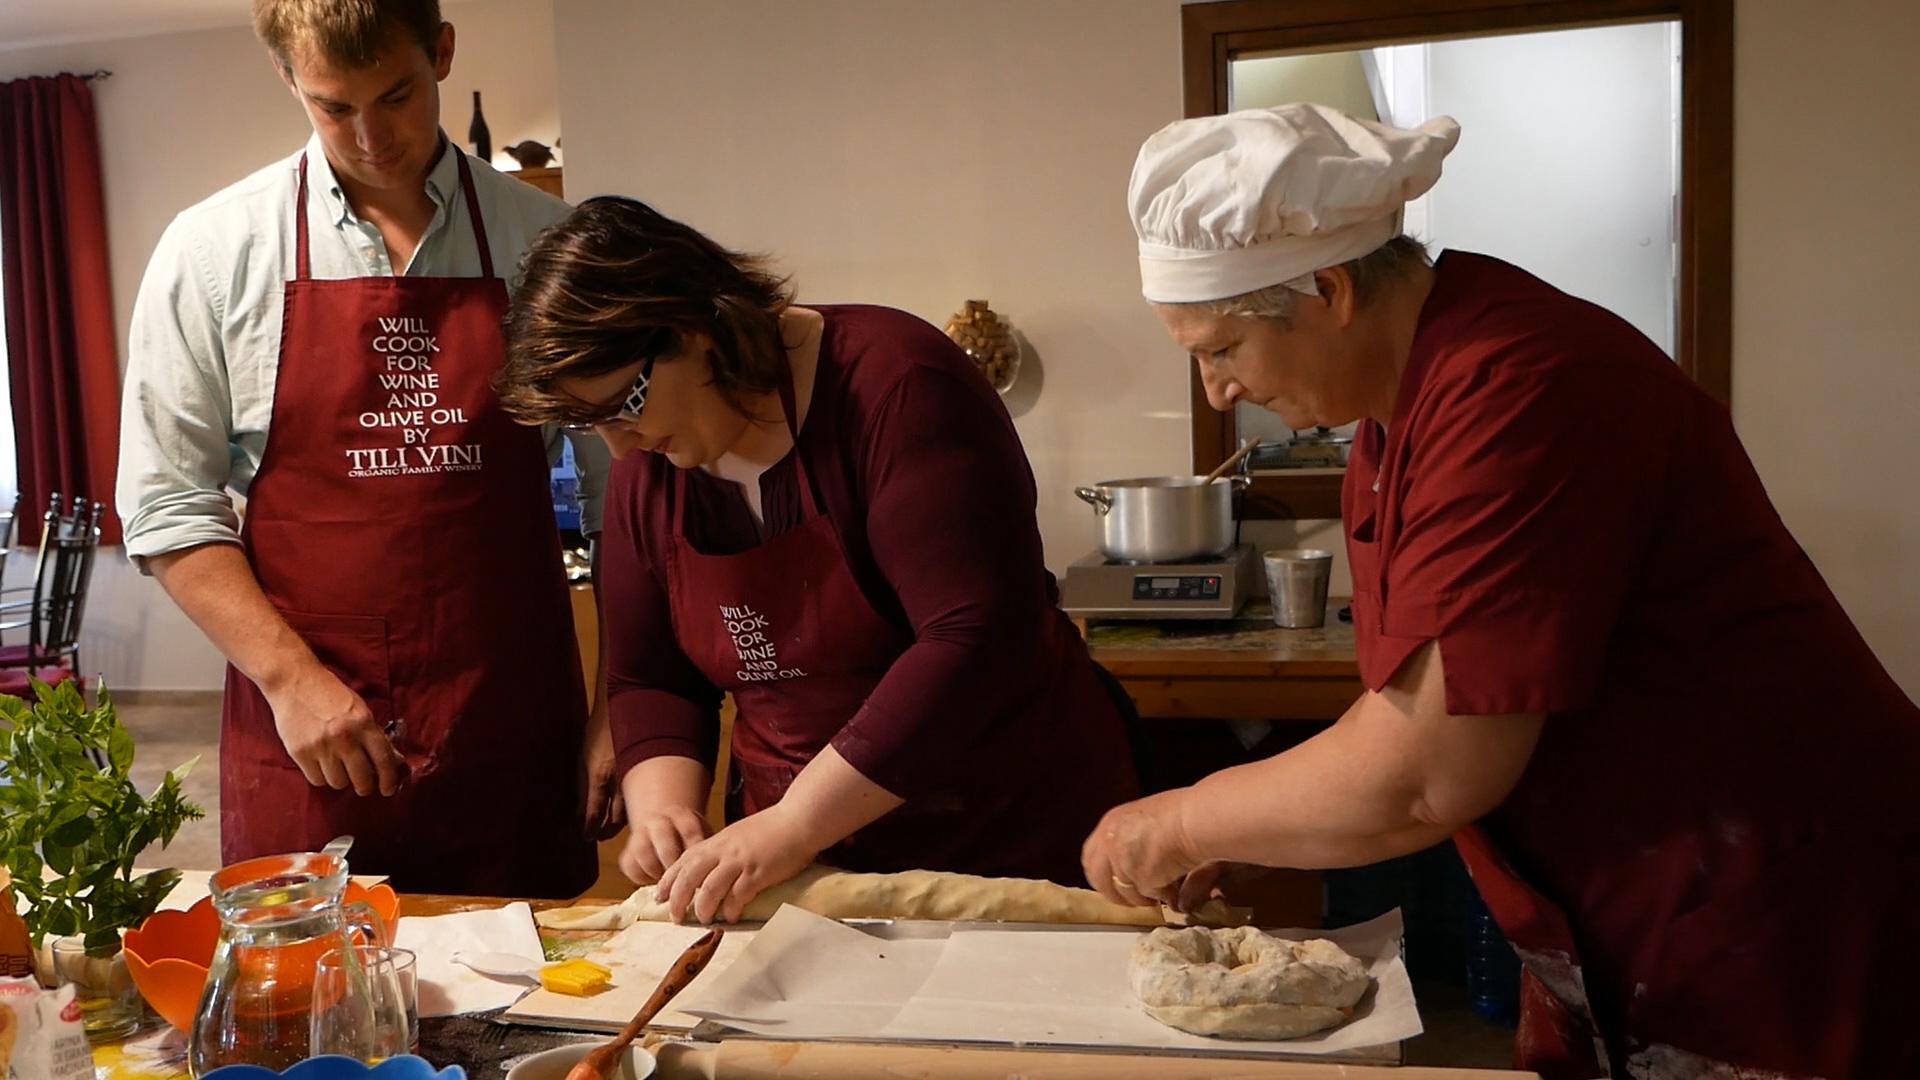 Esperienza sensoriale Assisi Tili Vini - Lezioni di cucina Umbra 7